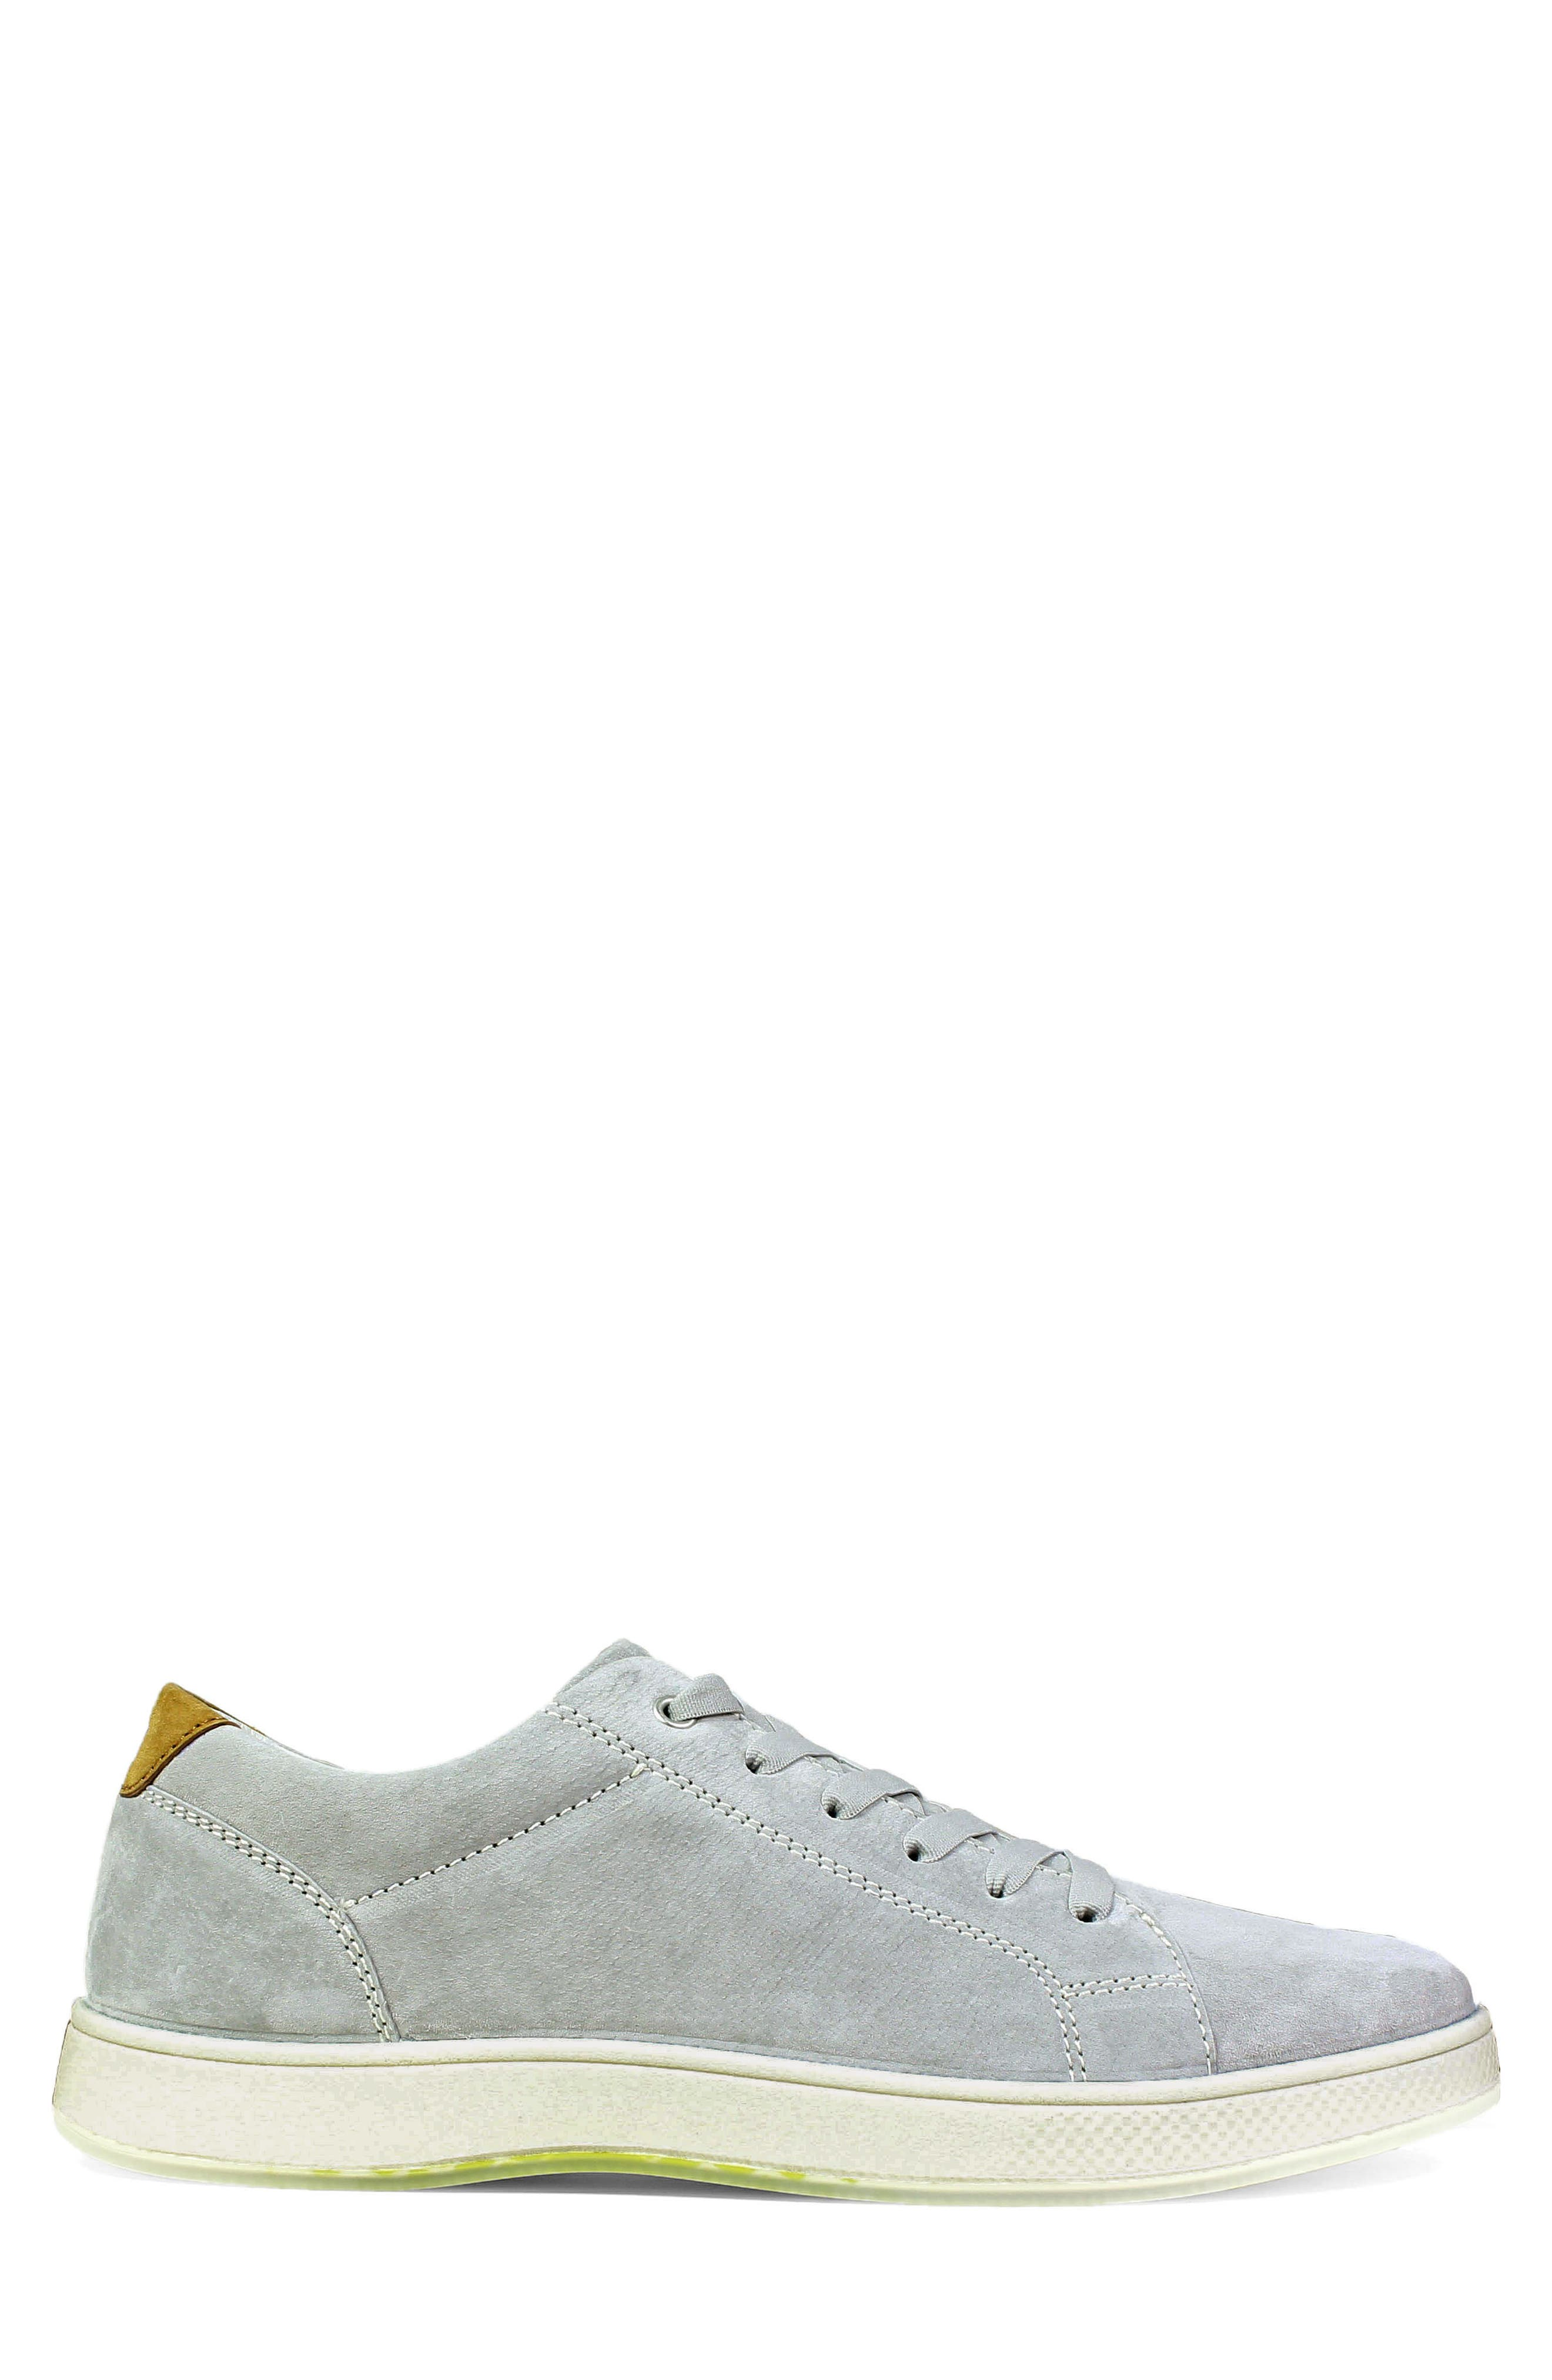 Edge Low Top Sneaker,                             Alternate thumbnail 3, color,                             Gray Nubuck